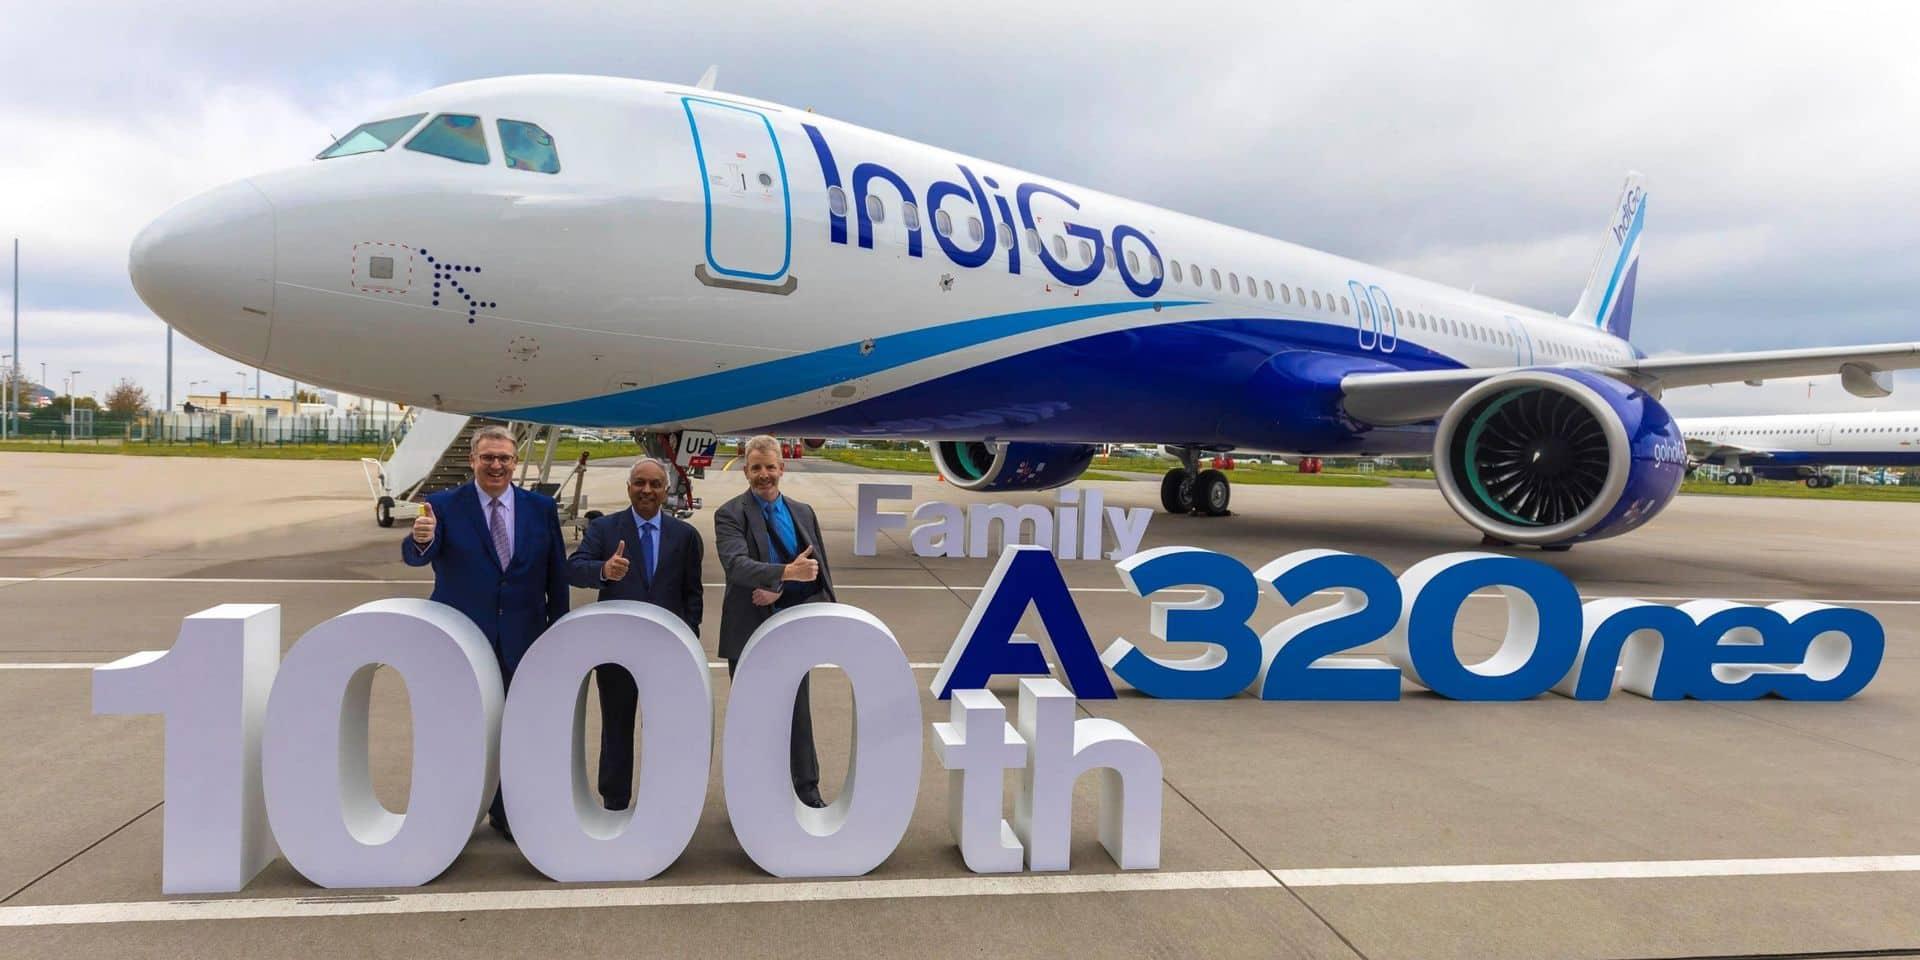 Date historique pour Airbus, qui livre son 1000e A320neo